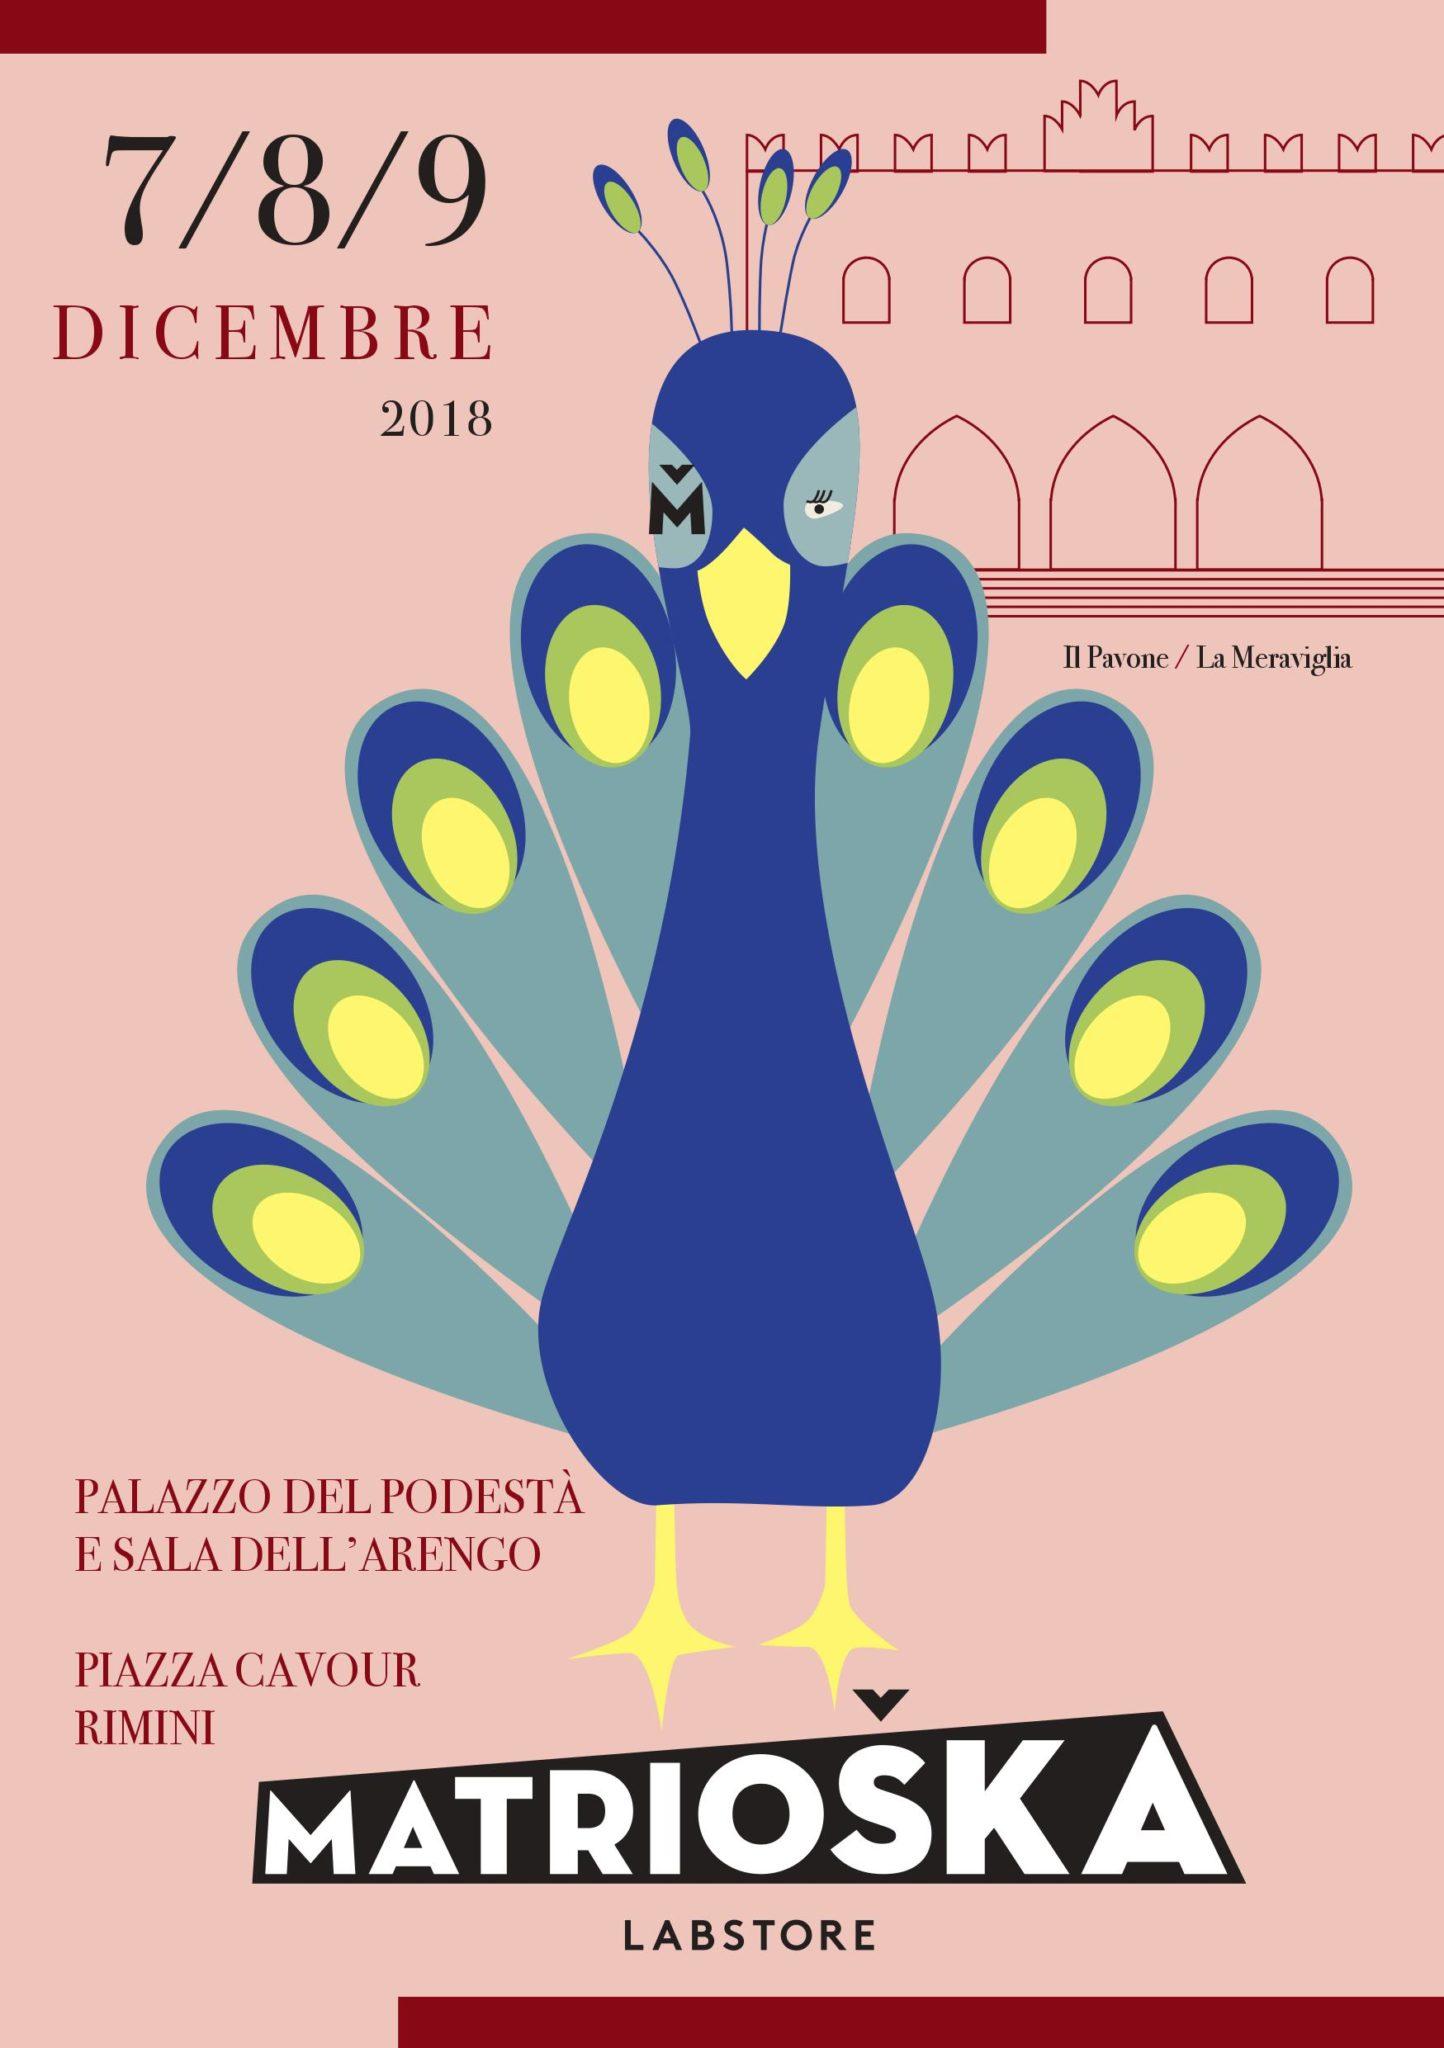 Programma Mercato Manufatturieri / Matrioska Labstore #14 / Rimini 7-8-9 dicembre 2018